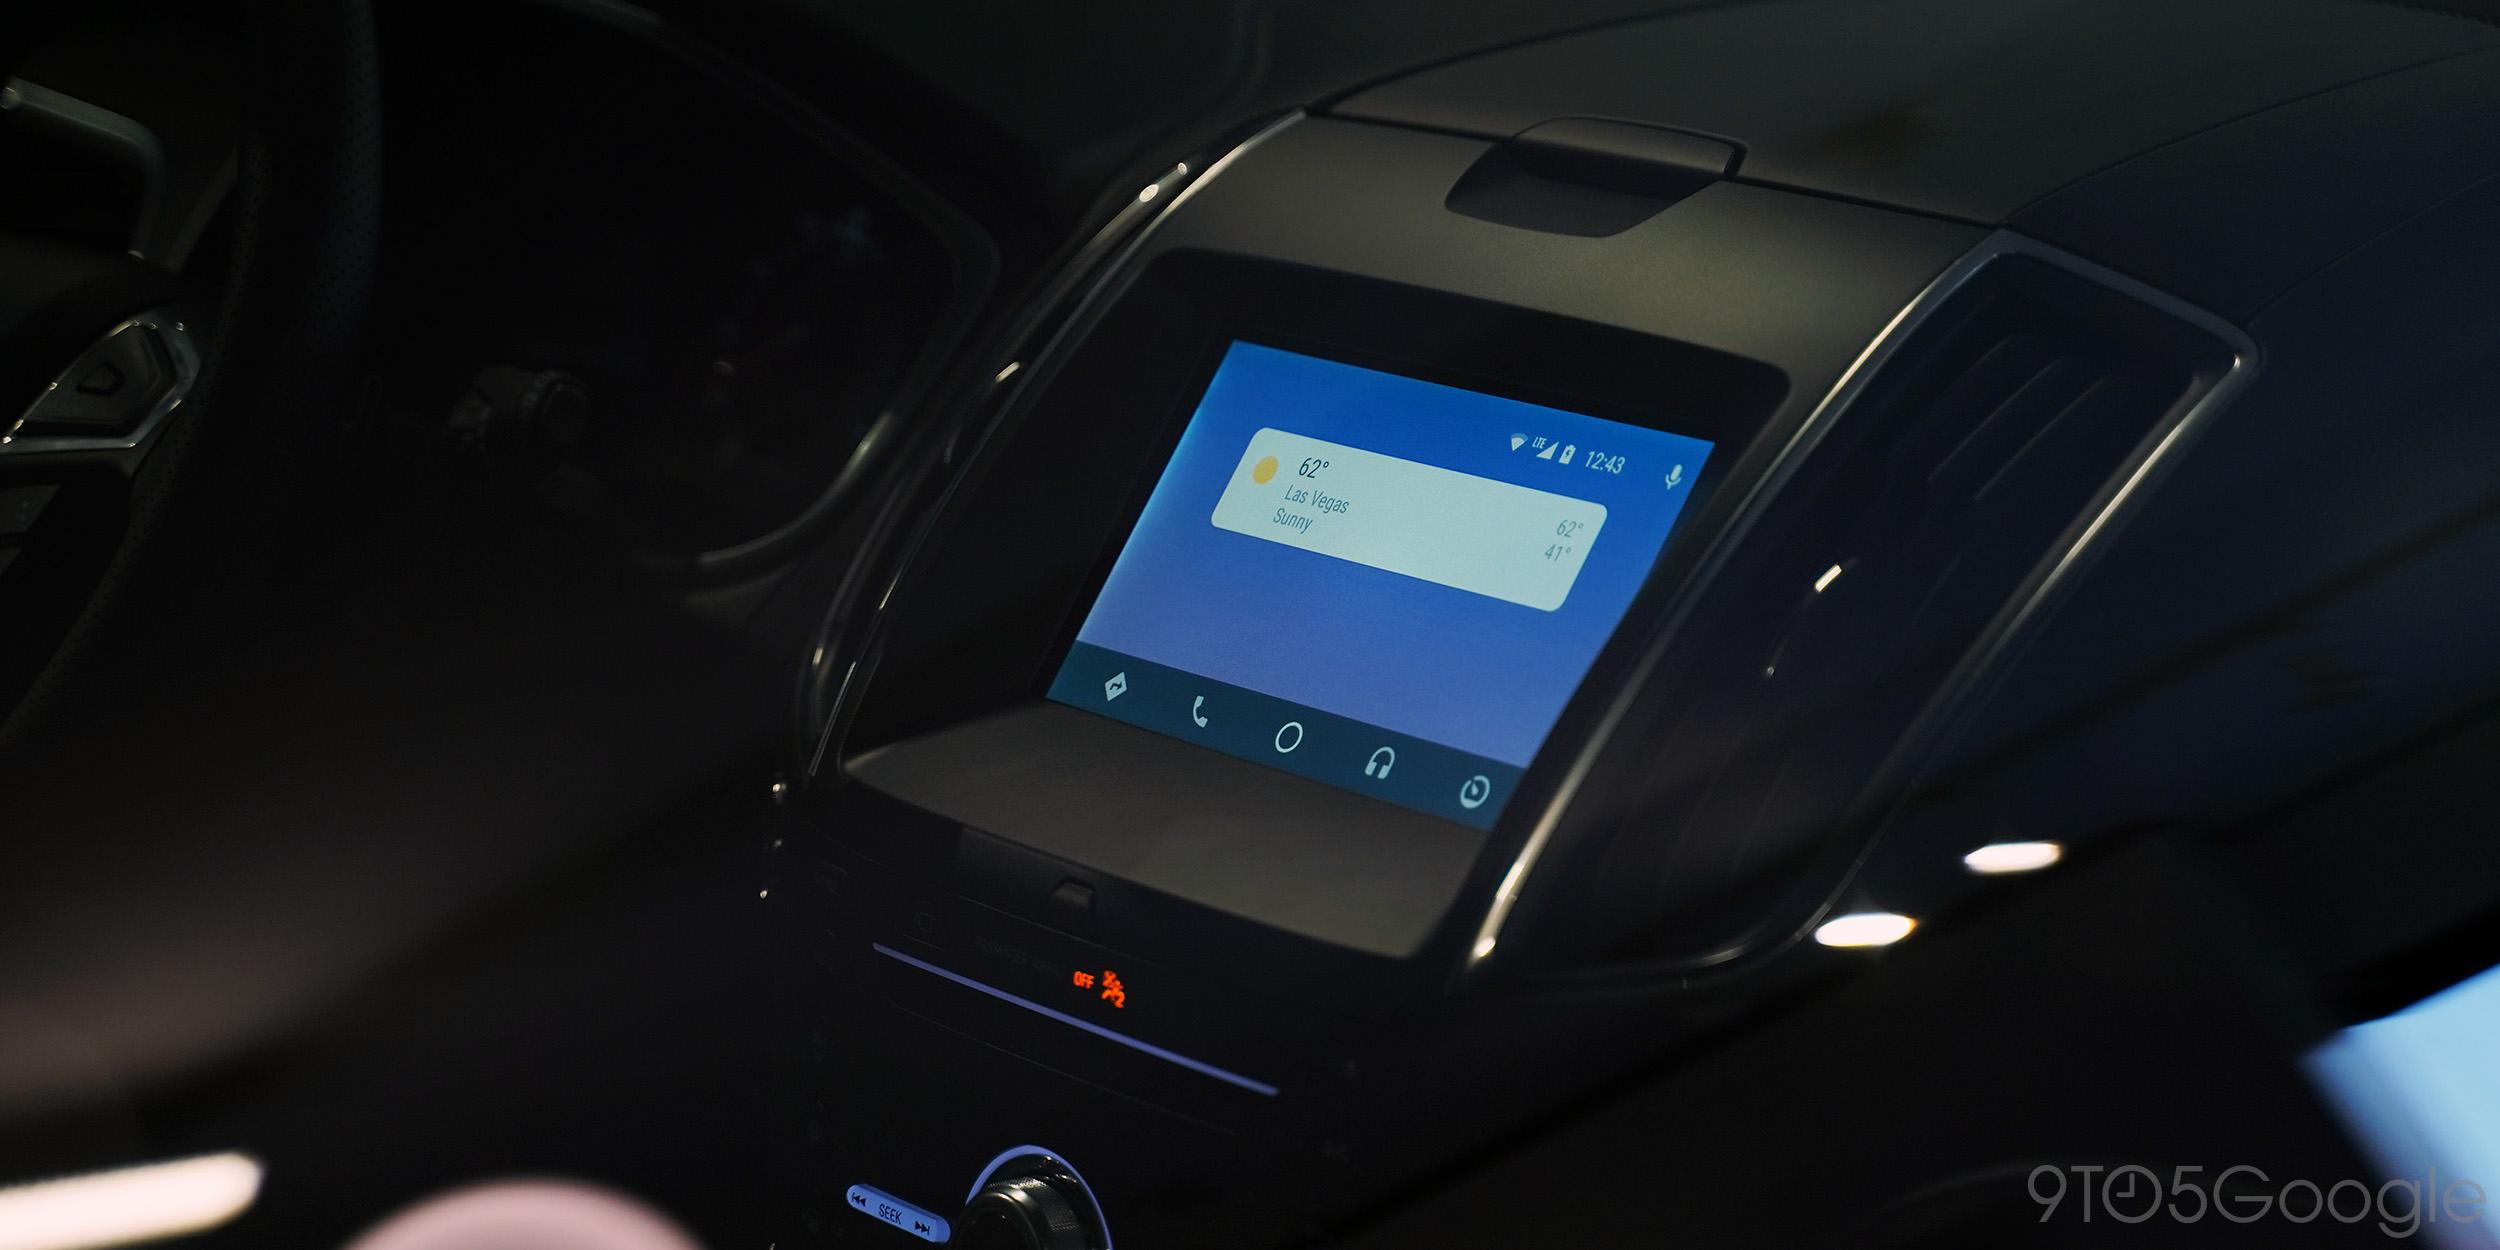 Android Auto-Leckerbissen: Interview enthüllt neue Details zu nativem Android-Gerät im Auto, Einheiten von Drittanbietern